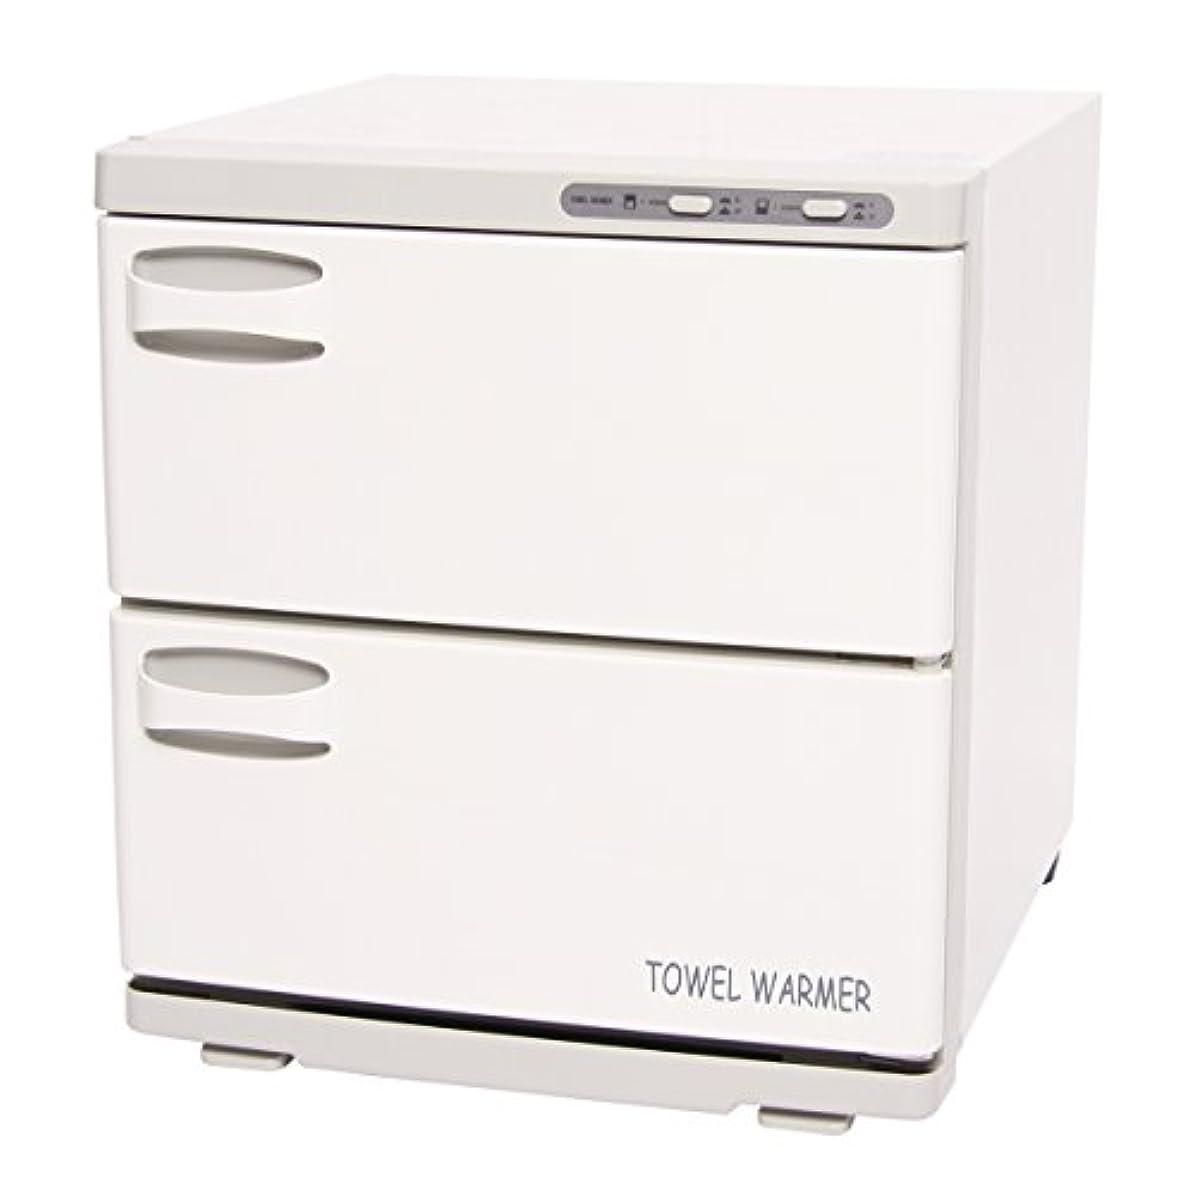 有利年マッシュタオルウォーマー 2ドア (横開き) 32L [ タオル蒸し器 おしぼり蒸し器 タオルスチーマー ホットボックス タオル おしぼり ウォーマー スチーマー 業務用 保温器 ]